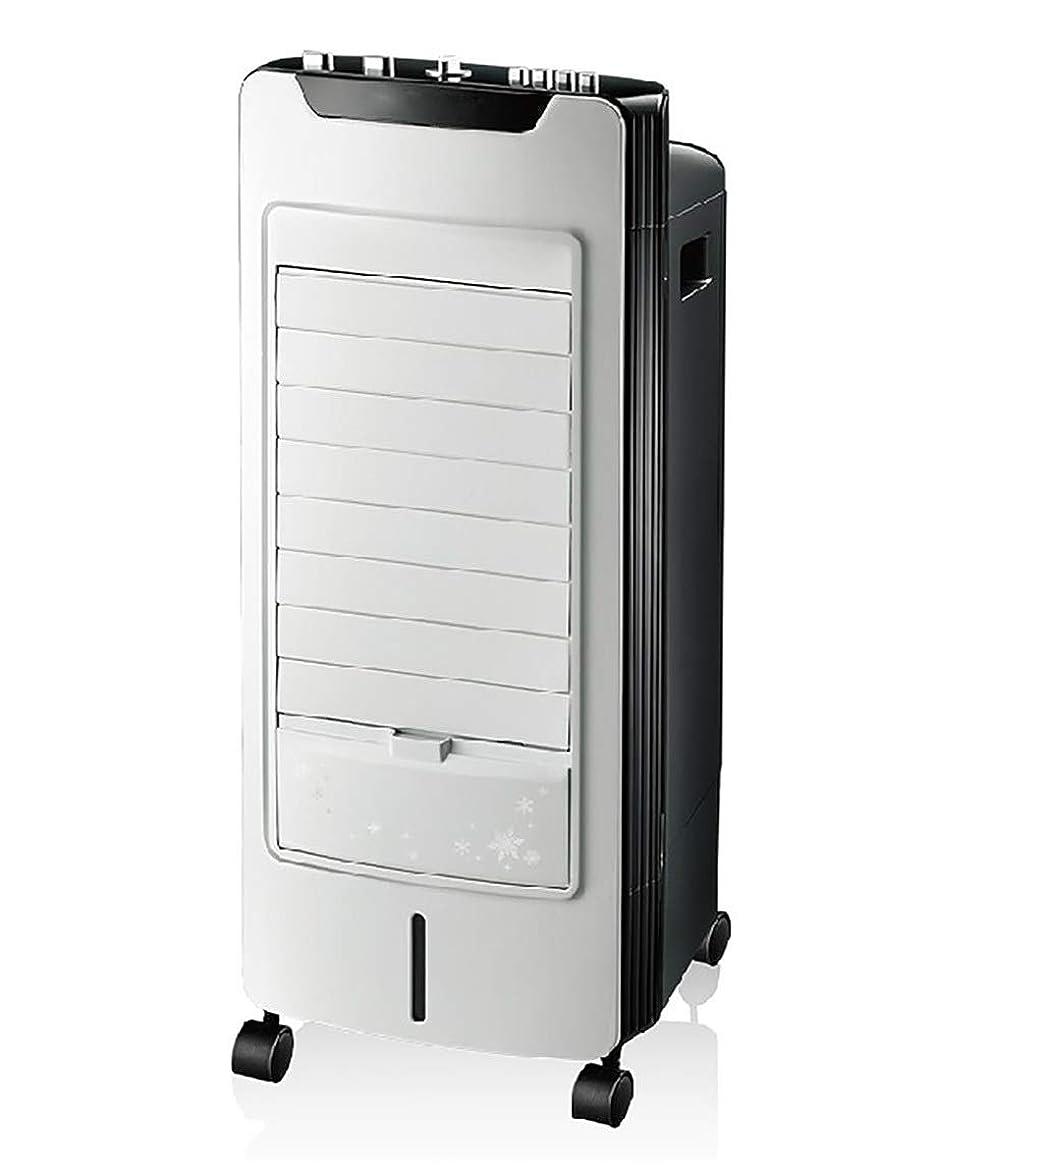 ビスケット腹楽しい冷風機モバイル自宅用エアコンファンポータブルオフィス低騒音扇風機小型クーラー サイズ:32 * 32 * 72 * Cm